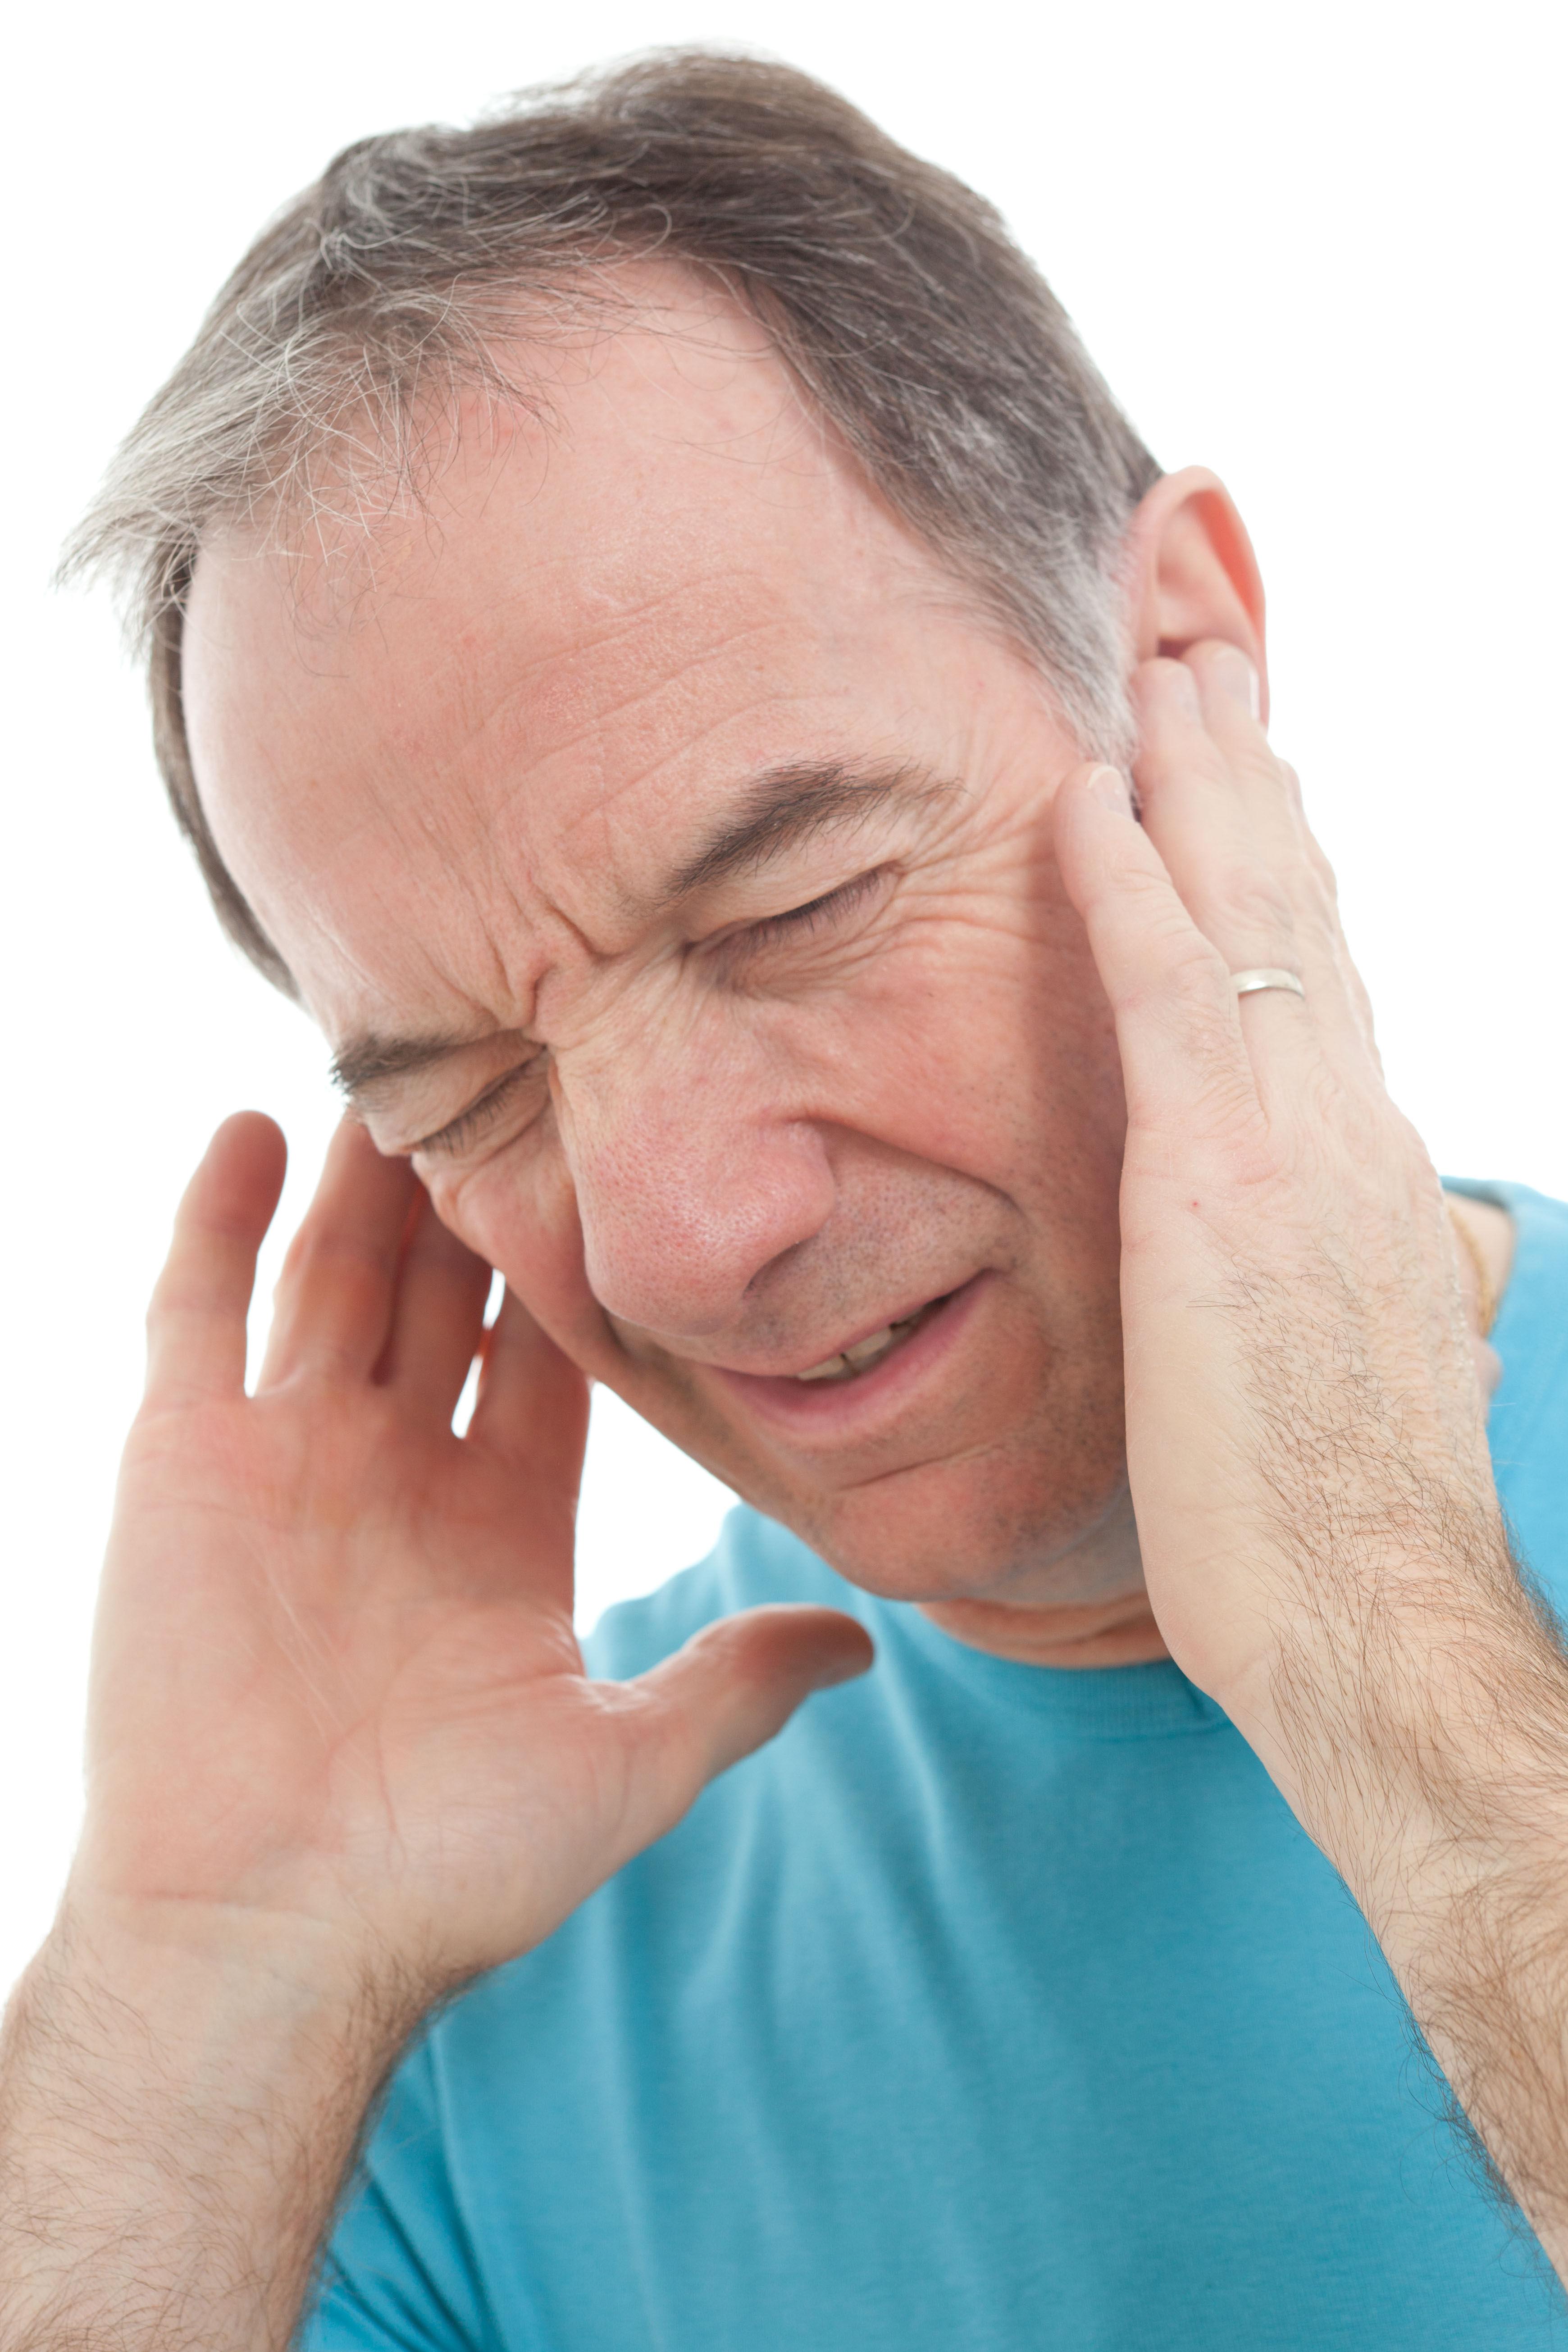 Лечение грибка в ушах у человека, причины и симптомы грибка